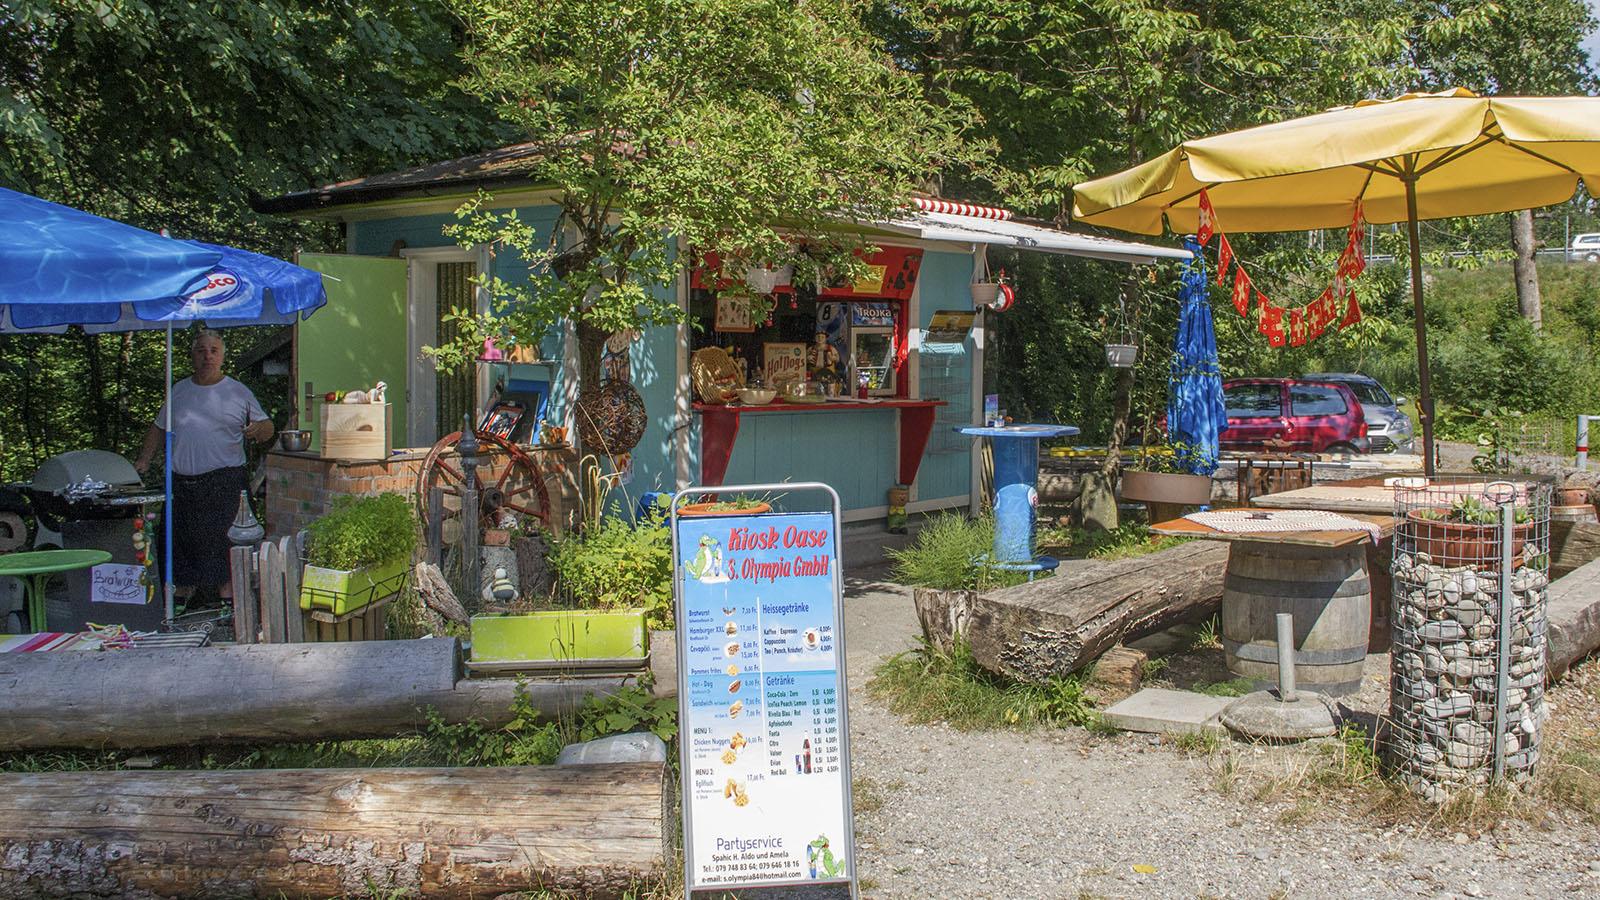 Wird seit 16 Jahren vom Ehepaar Spahic betrieben: Der Kiosk Oase am rechten Flussufer unterhalb der Hunzigenbrücke